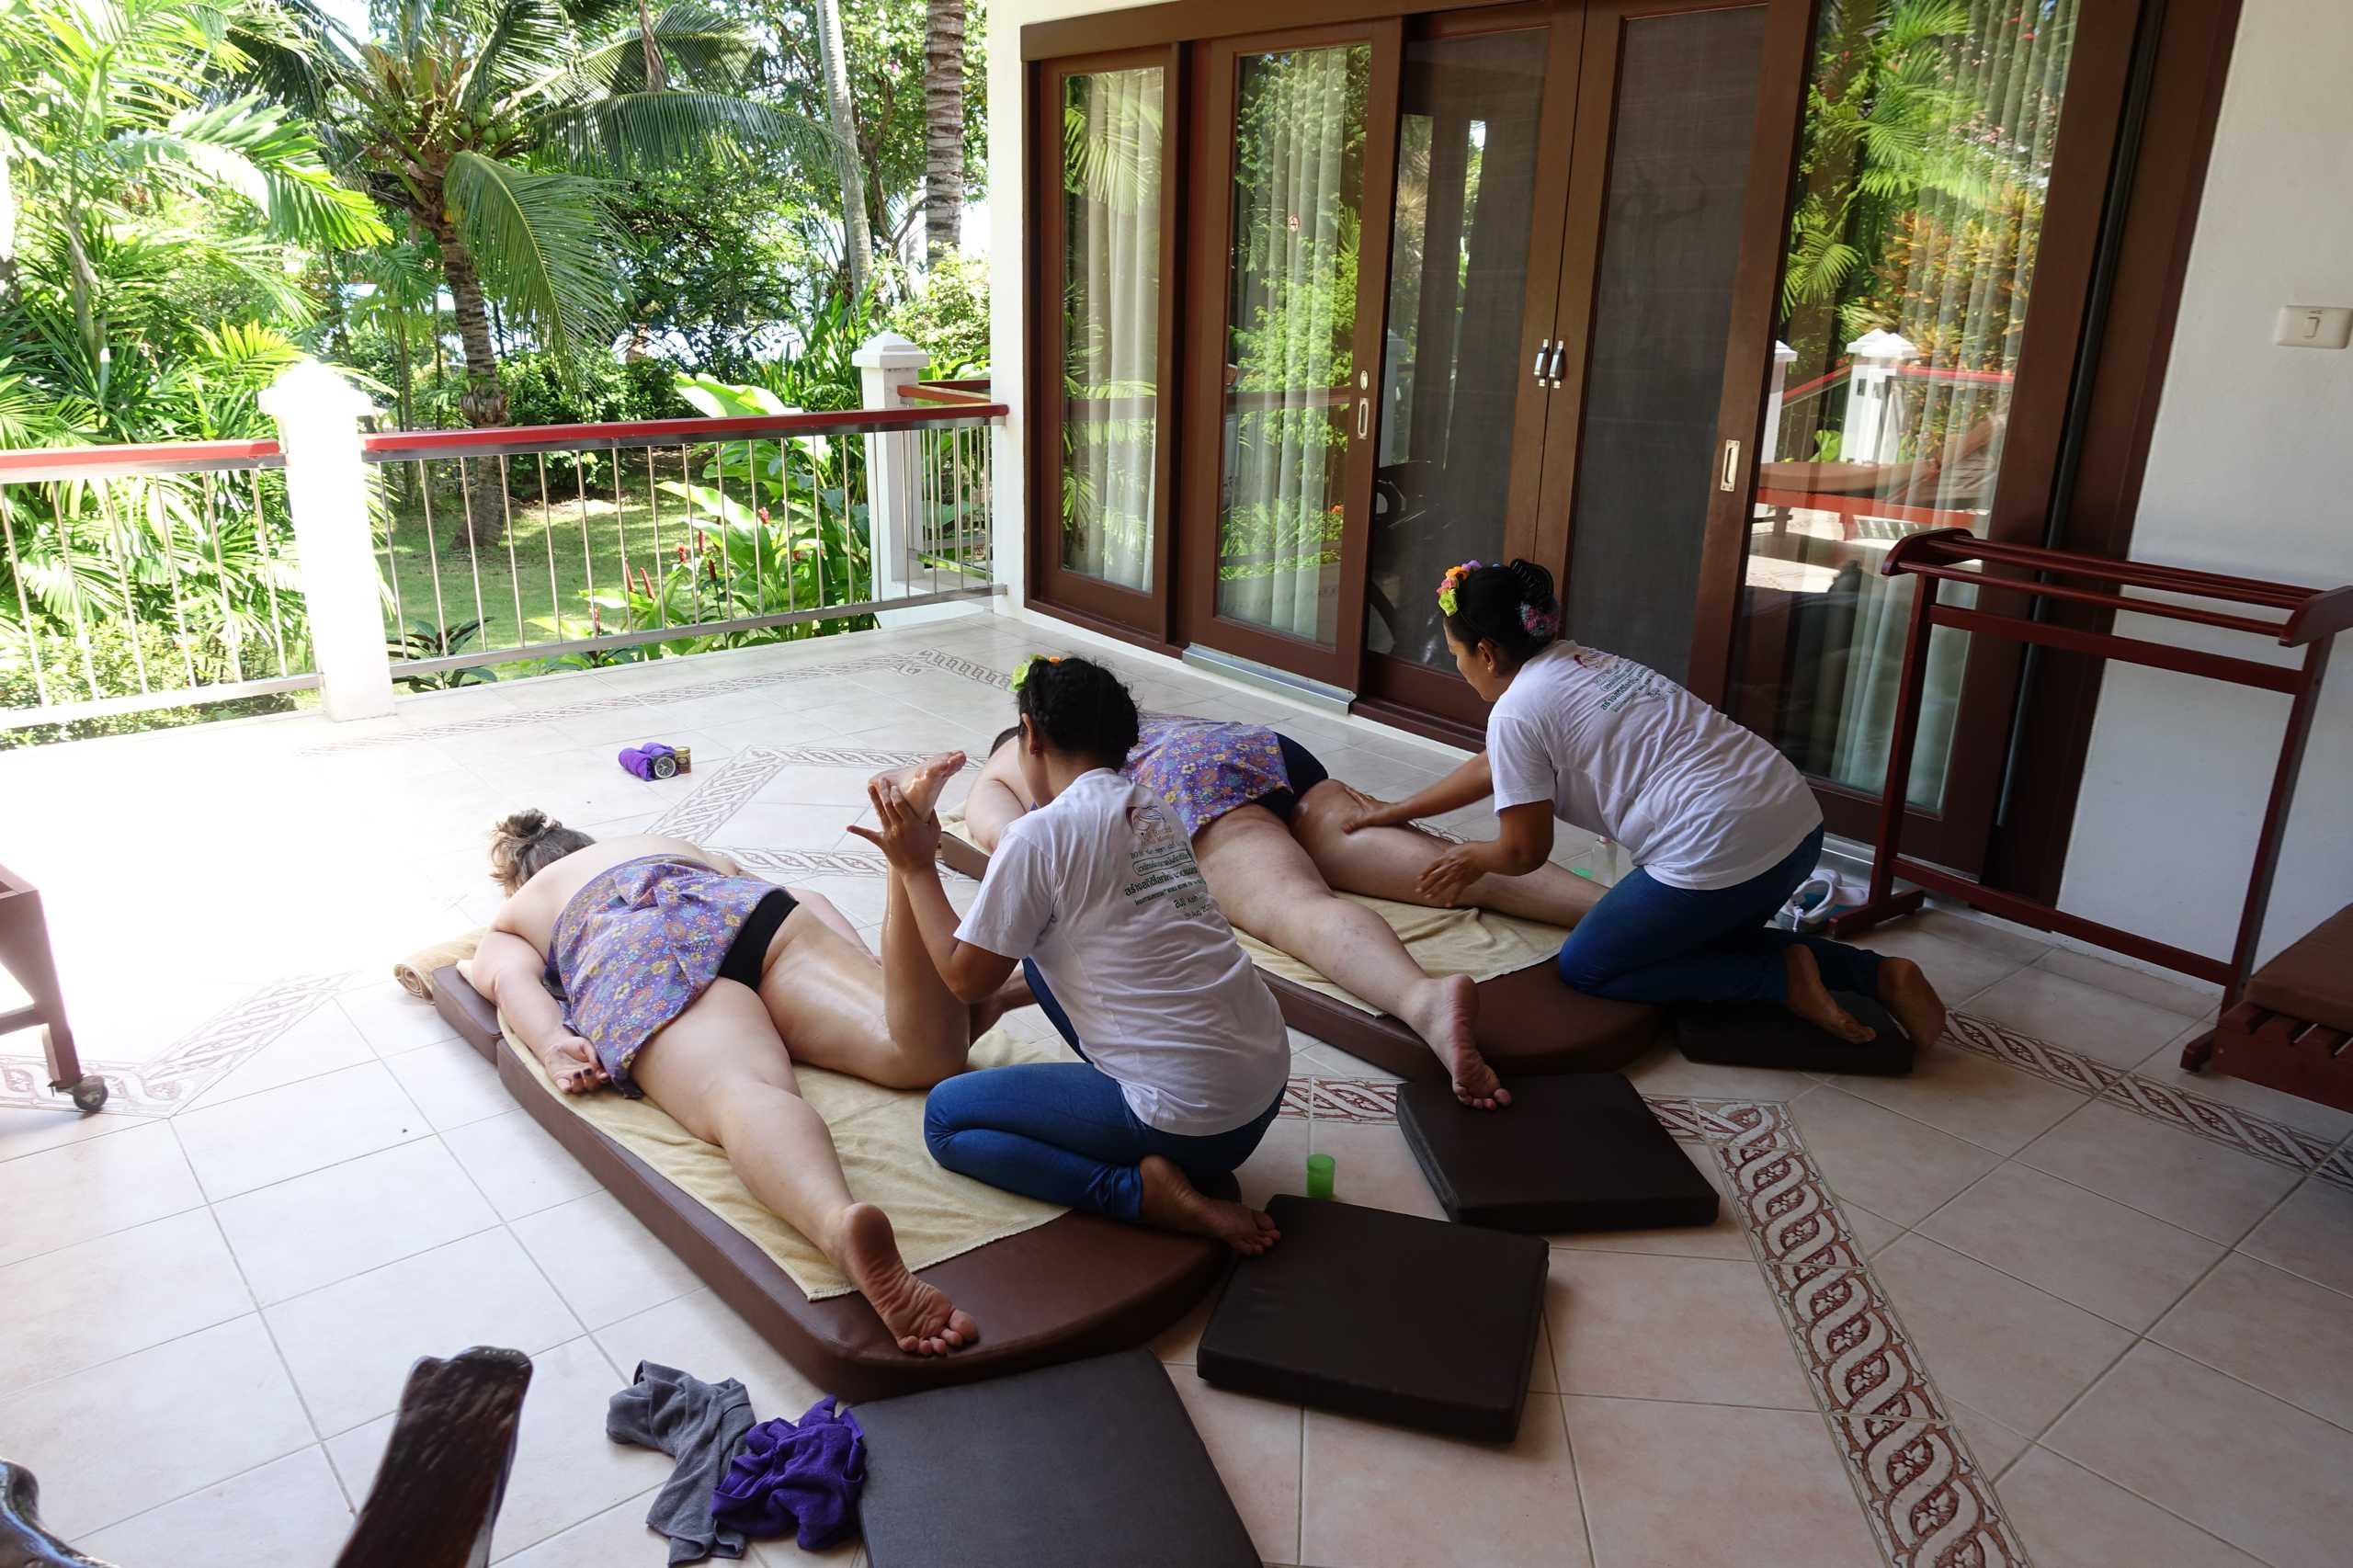 Reiner und ich geniessen unsere Massage